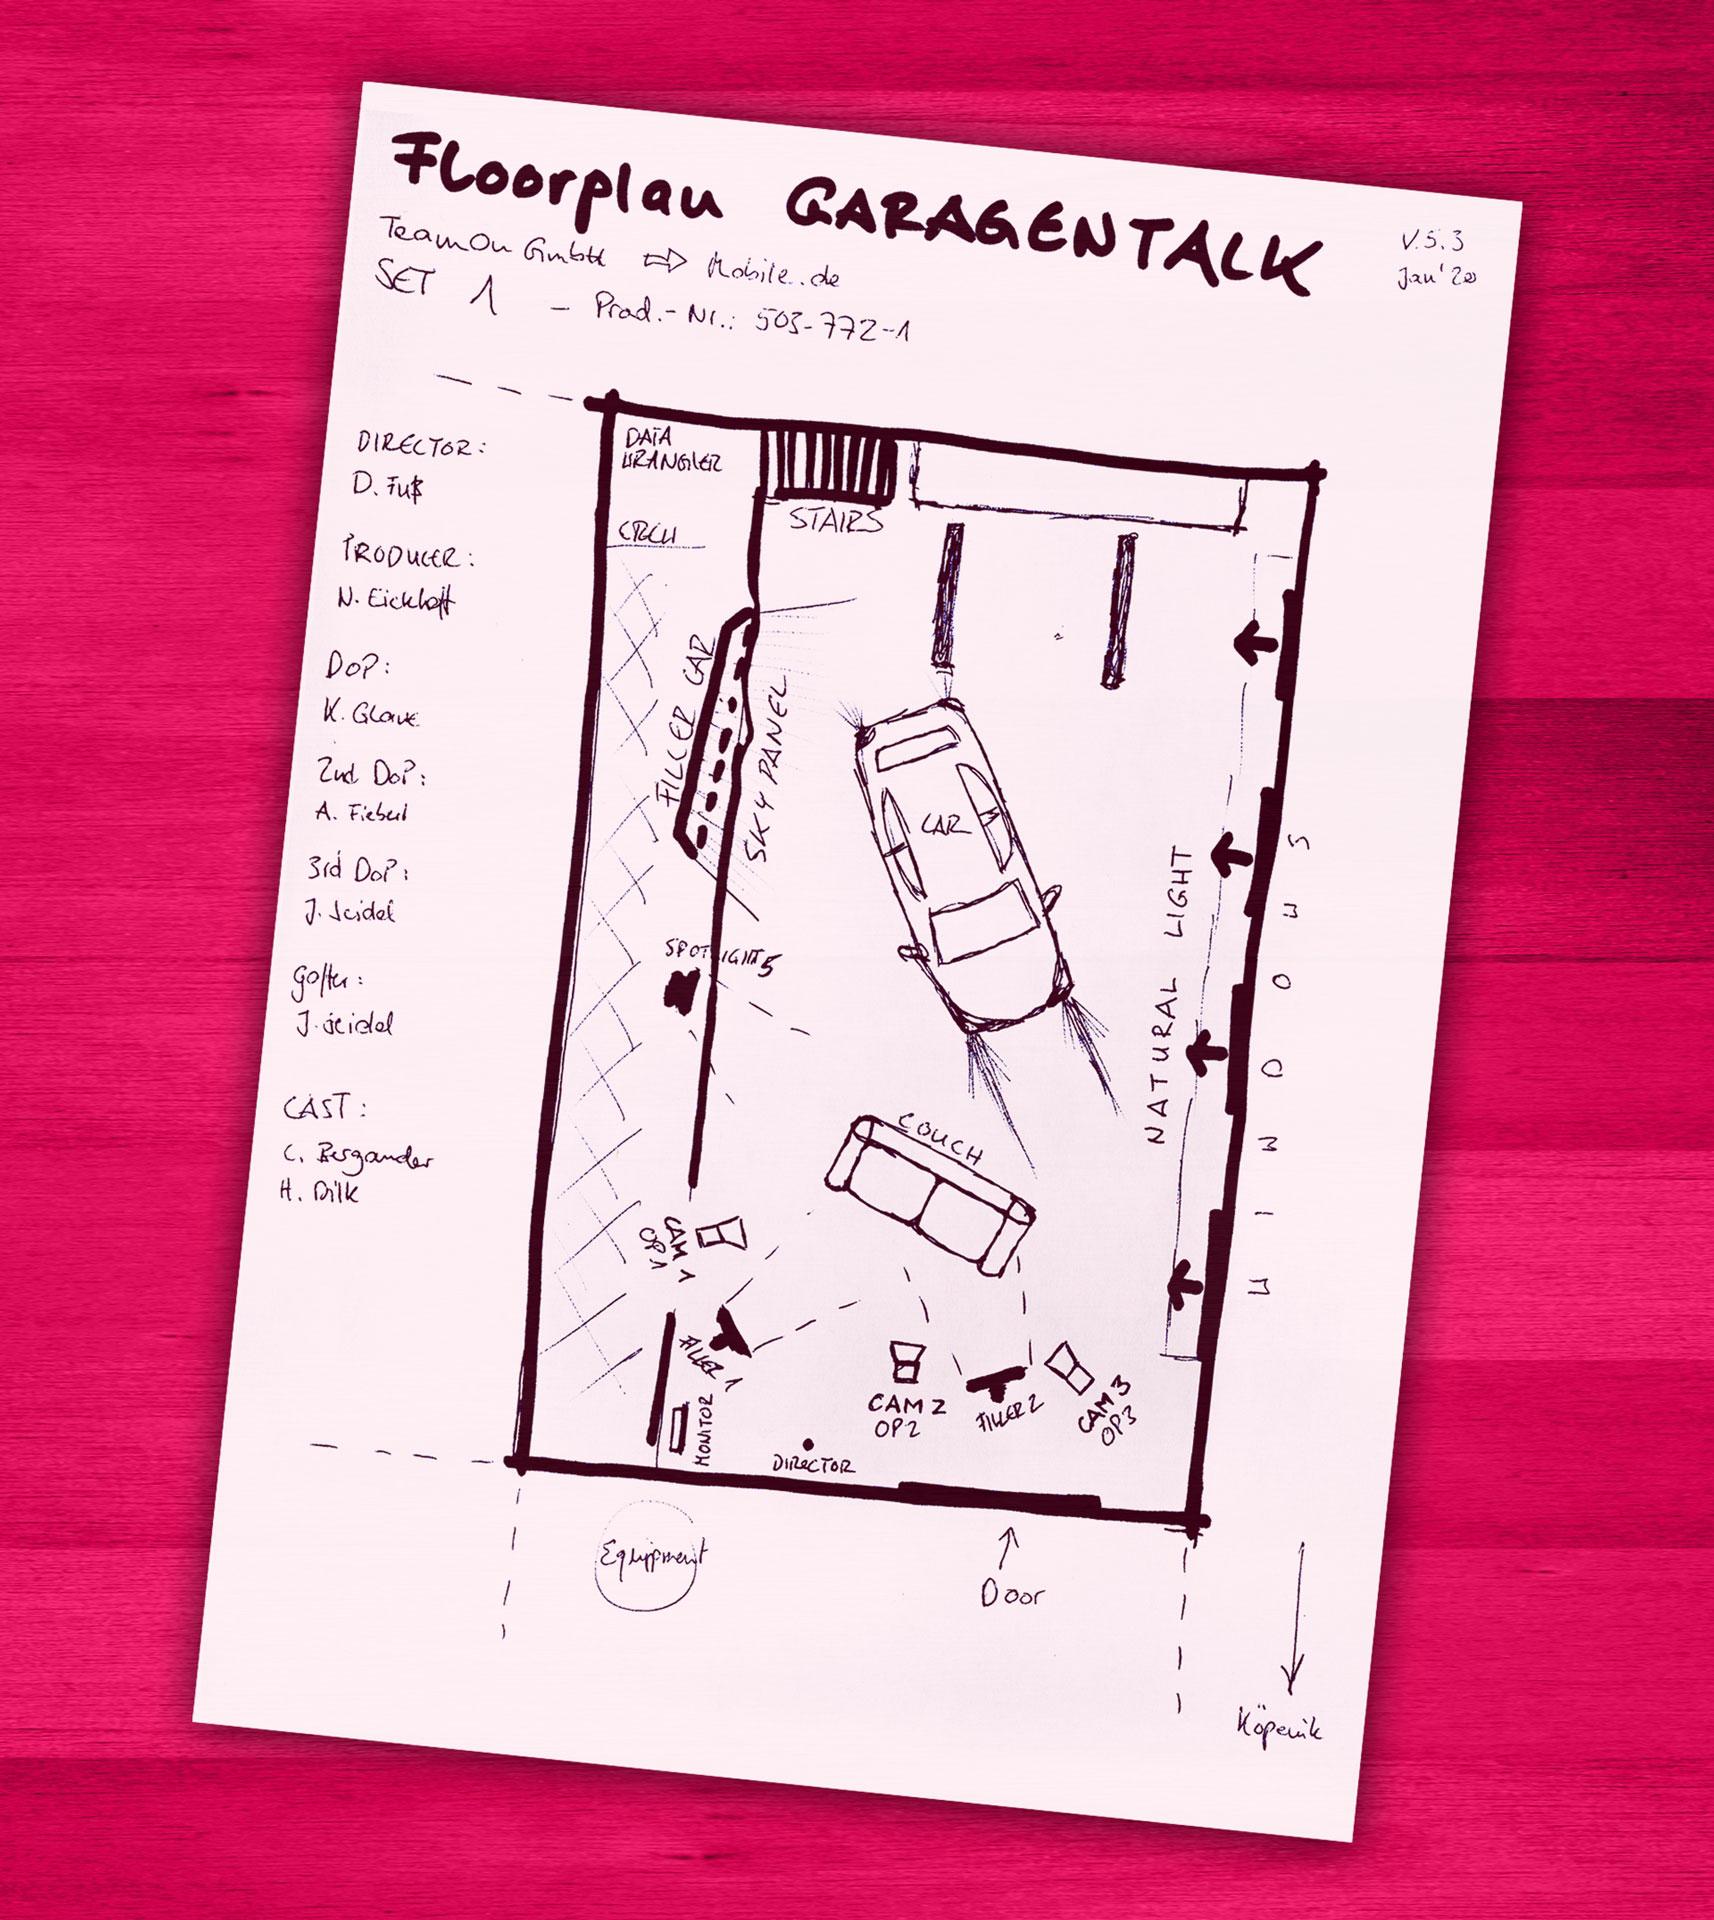 Floorplan_Garagentalk_Set01.jpg